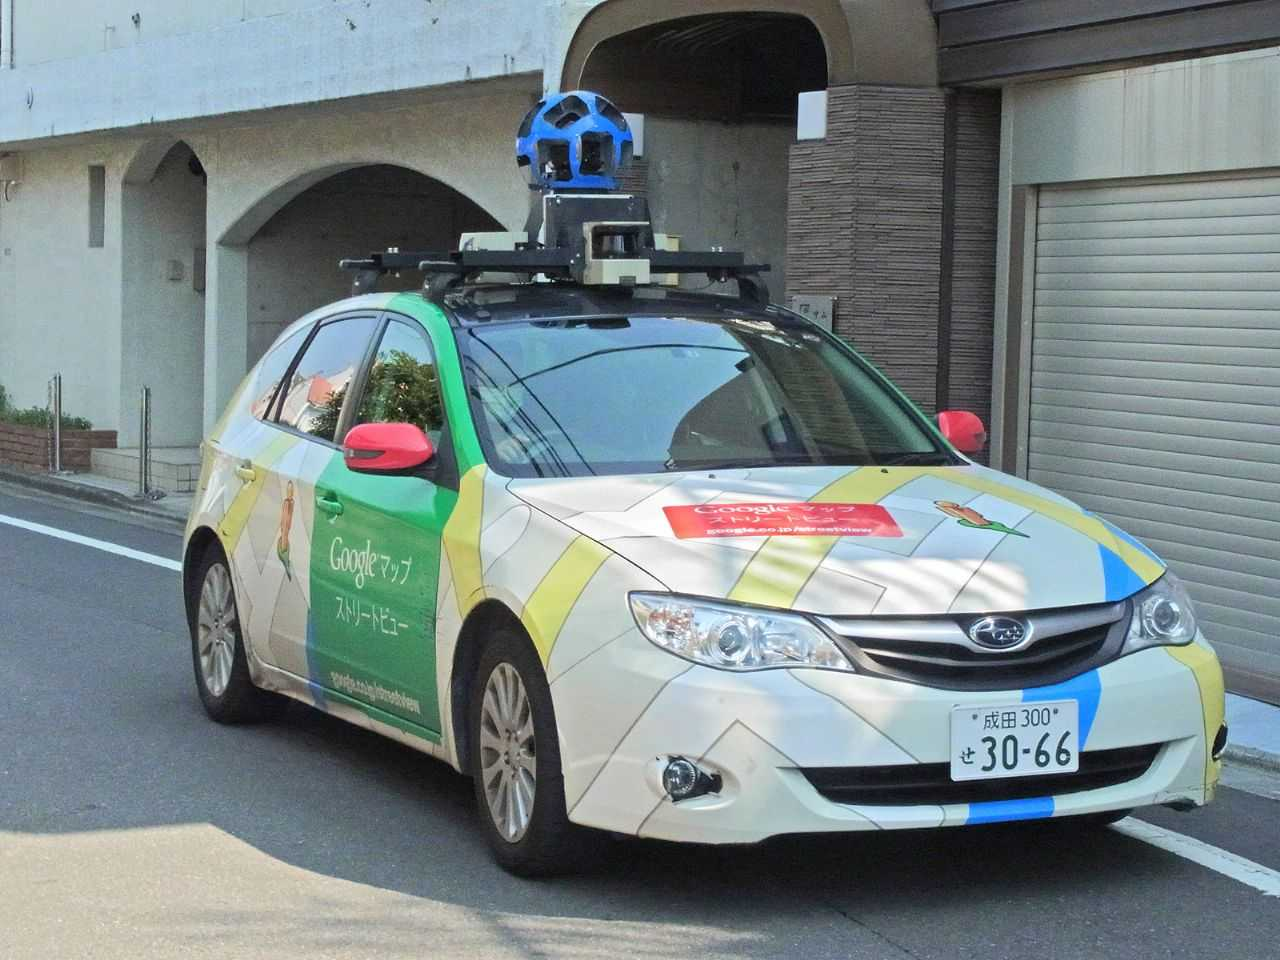 Carro utilizado no Google Street View: veículos já percorreram mais de 16 milhões de quilômetros